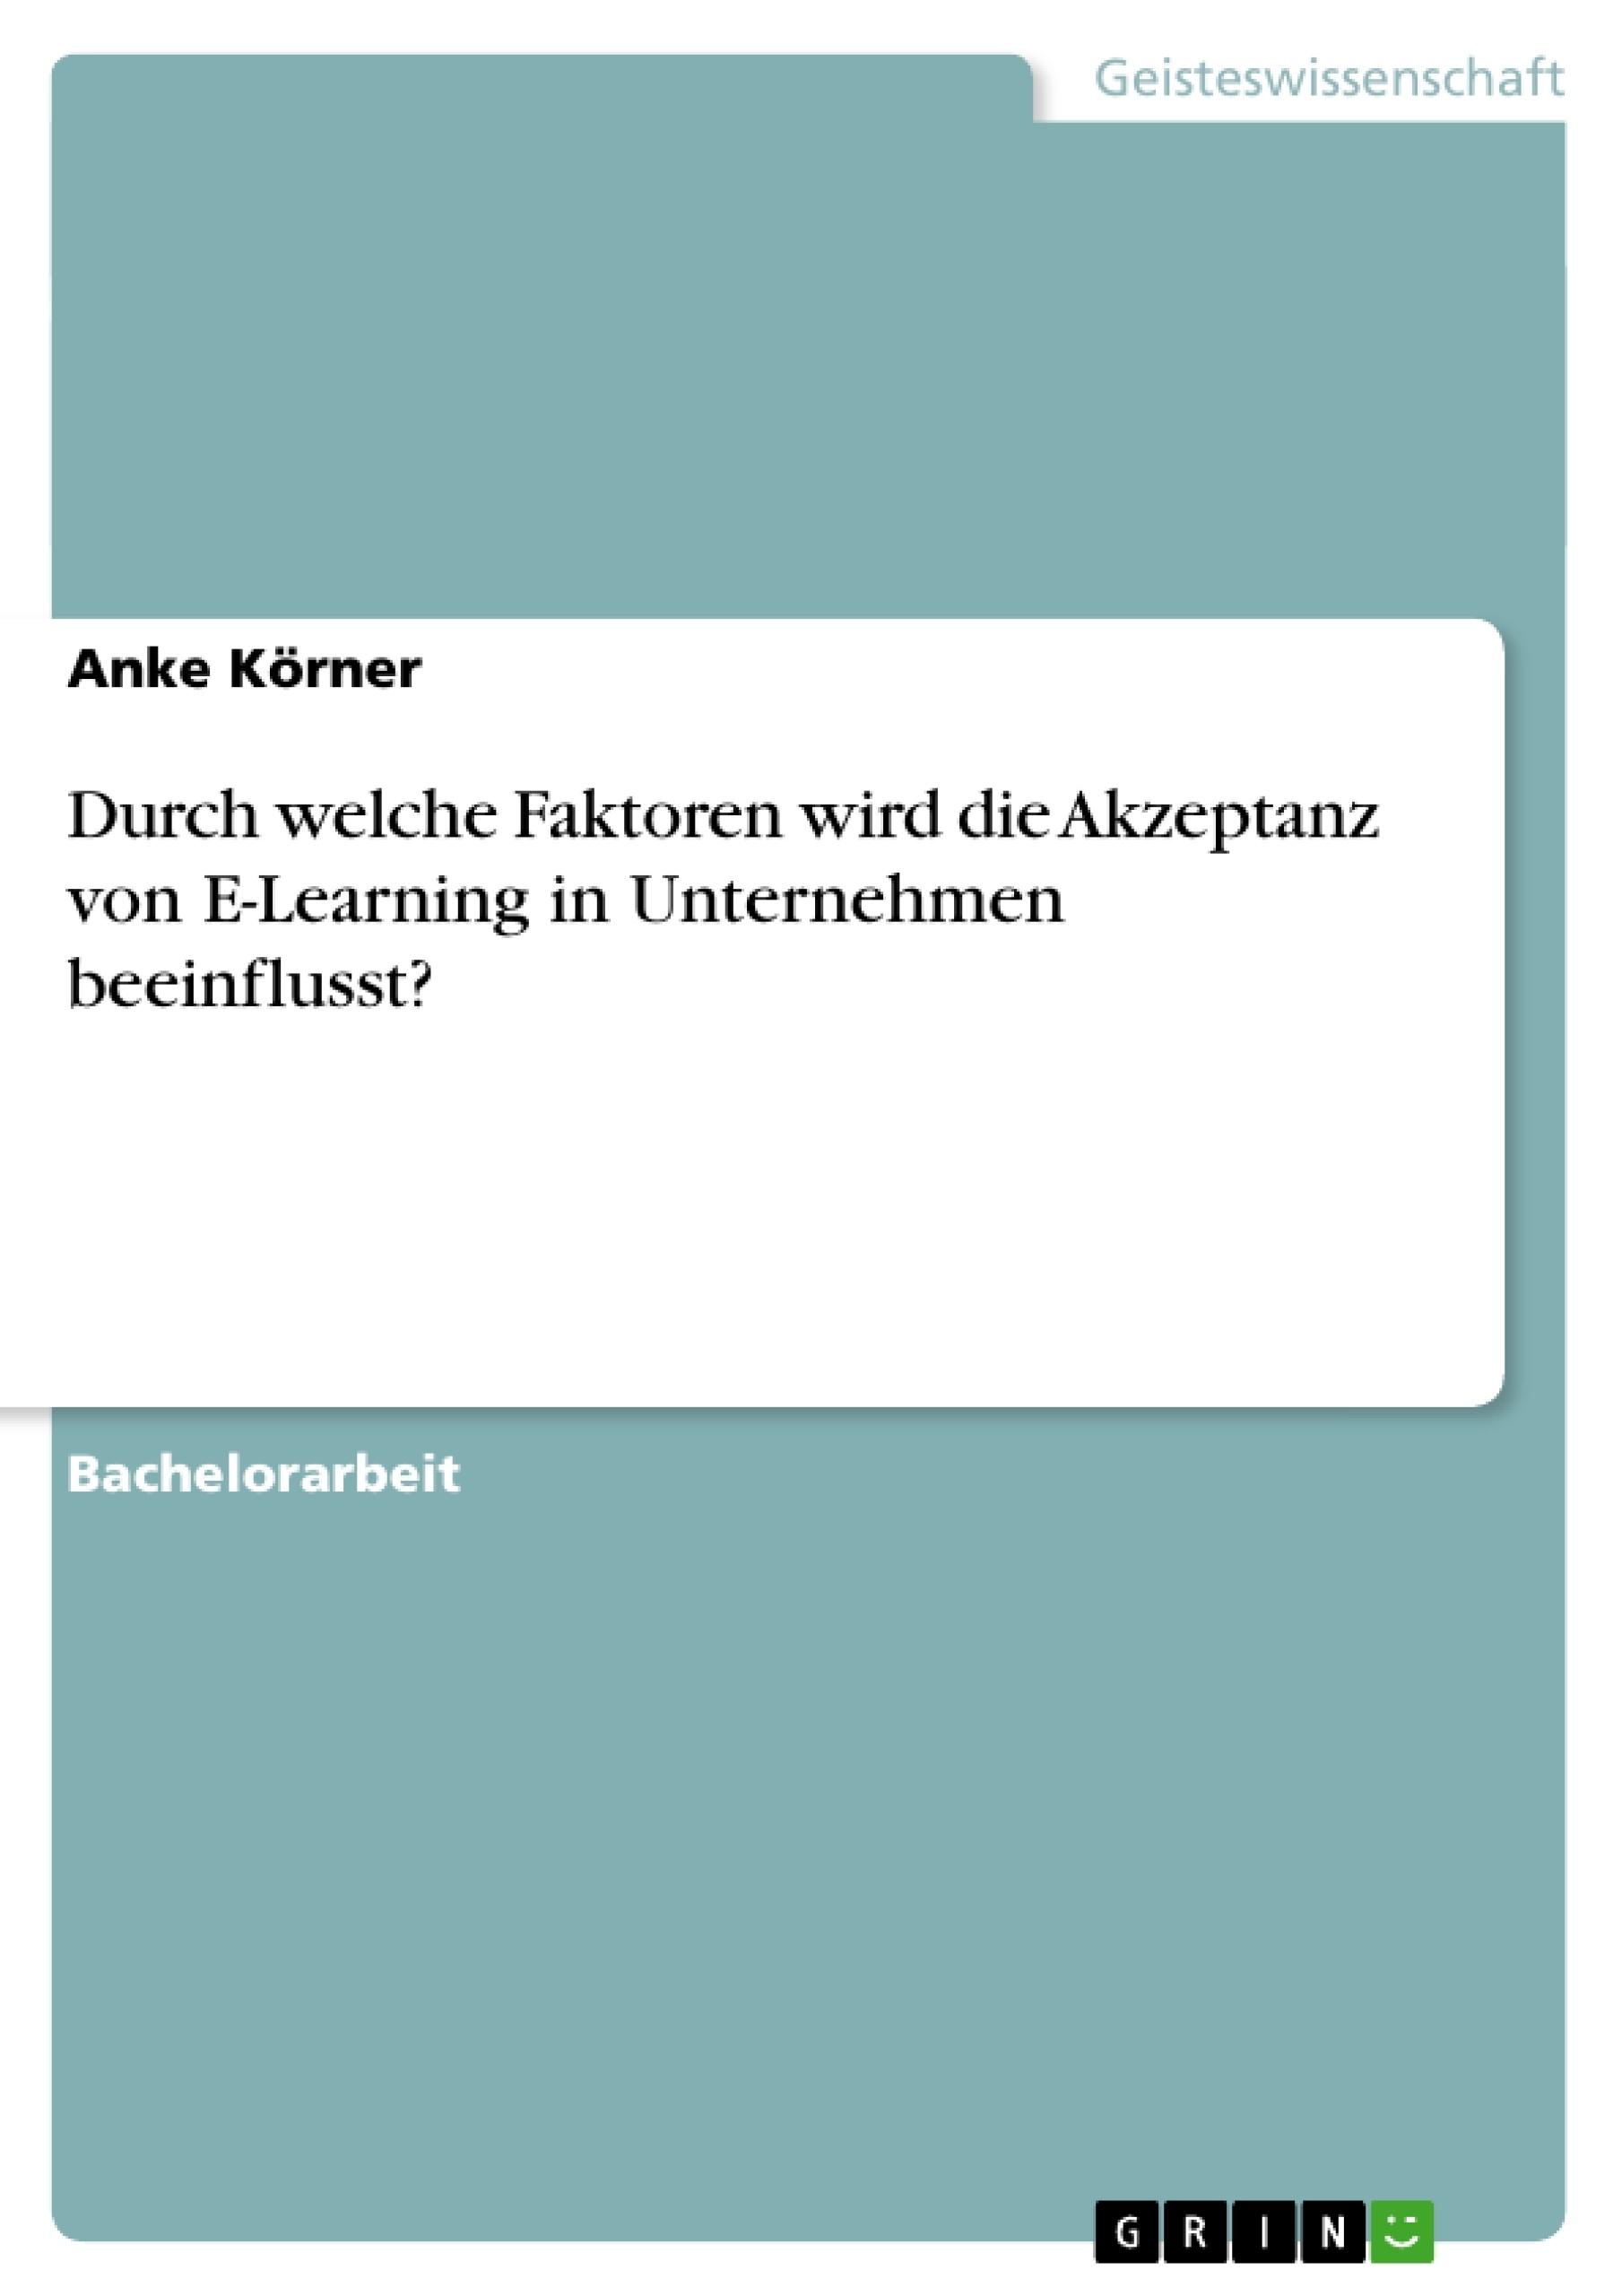 Titel: Durch welche Faktoren wird die Akzeptanz von E-Learning in Unternehmen beeinflusst?